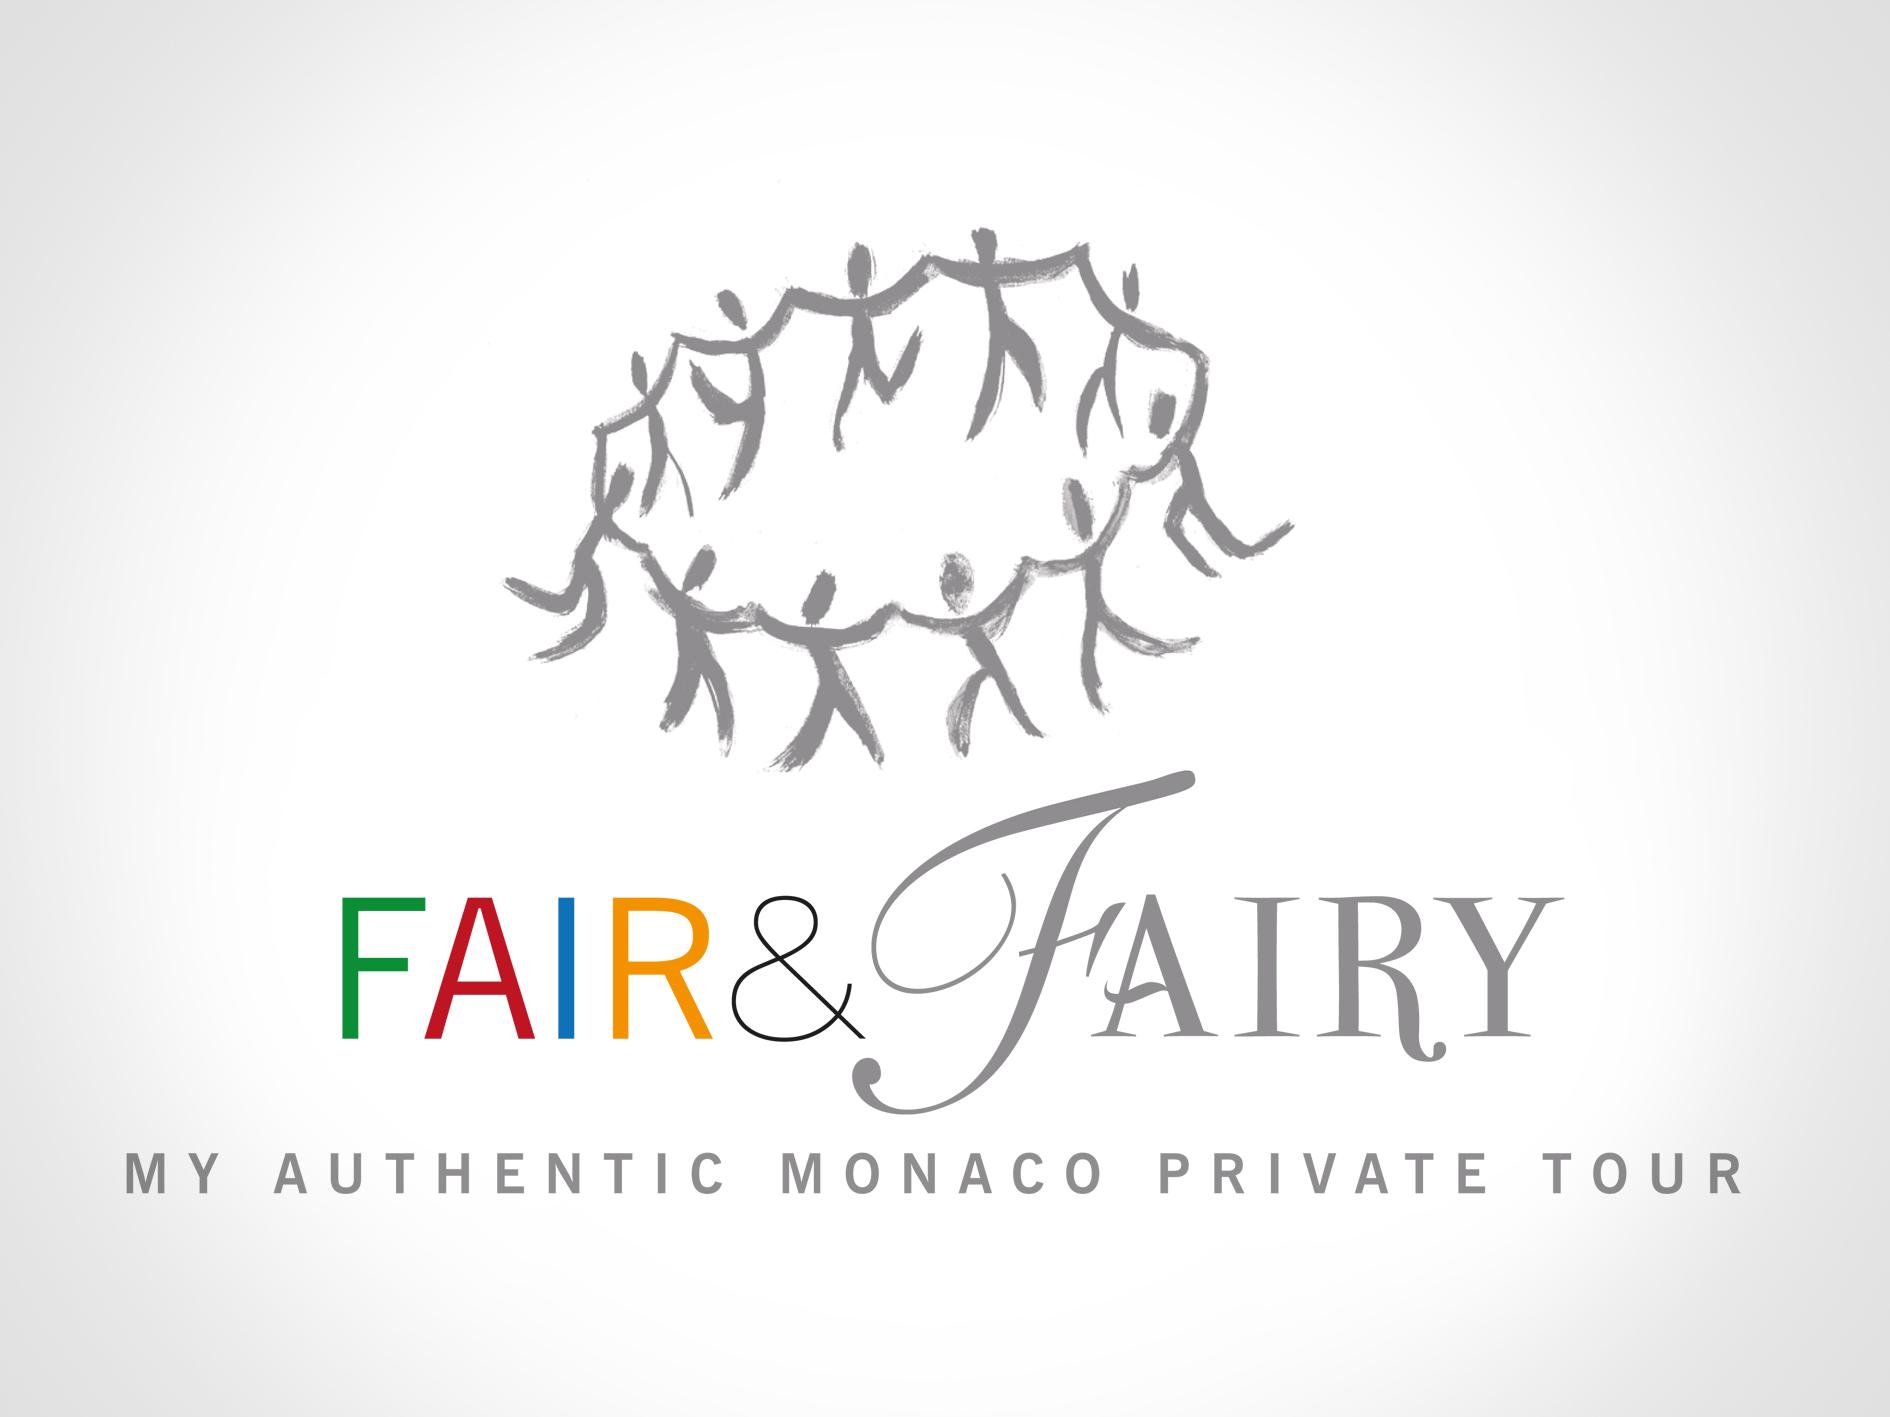 Fair & Fairy